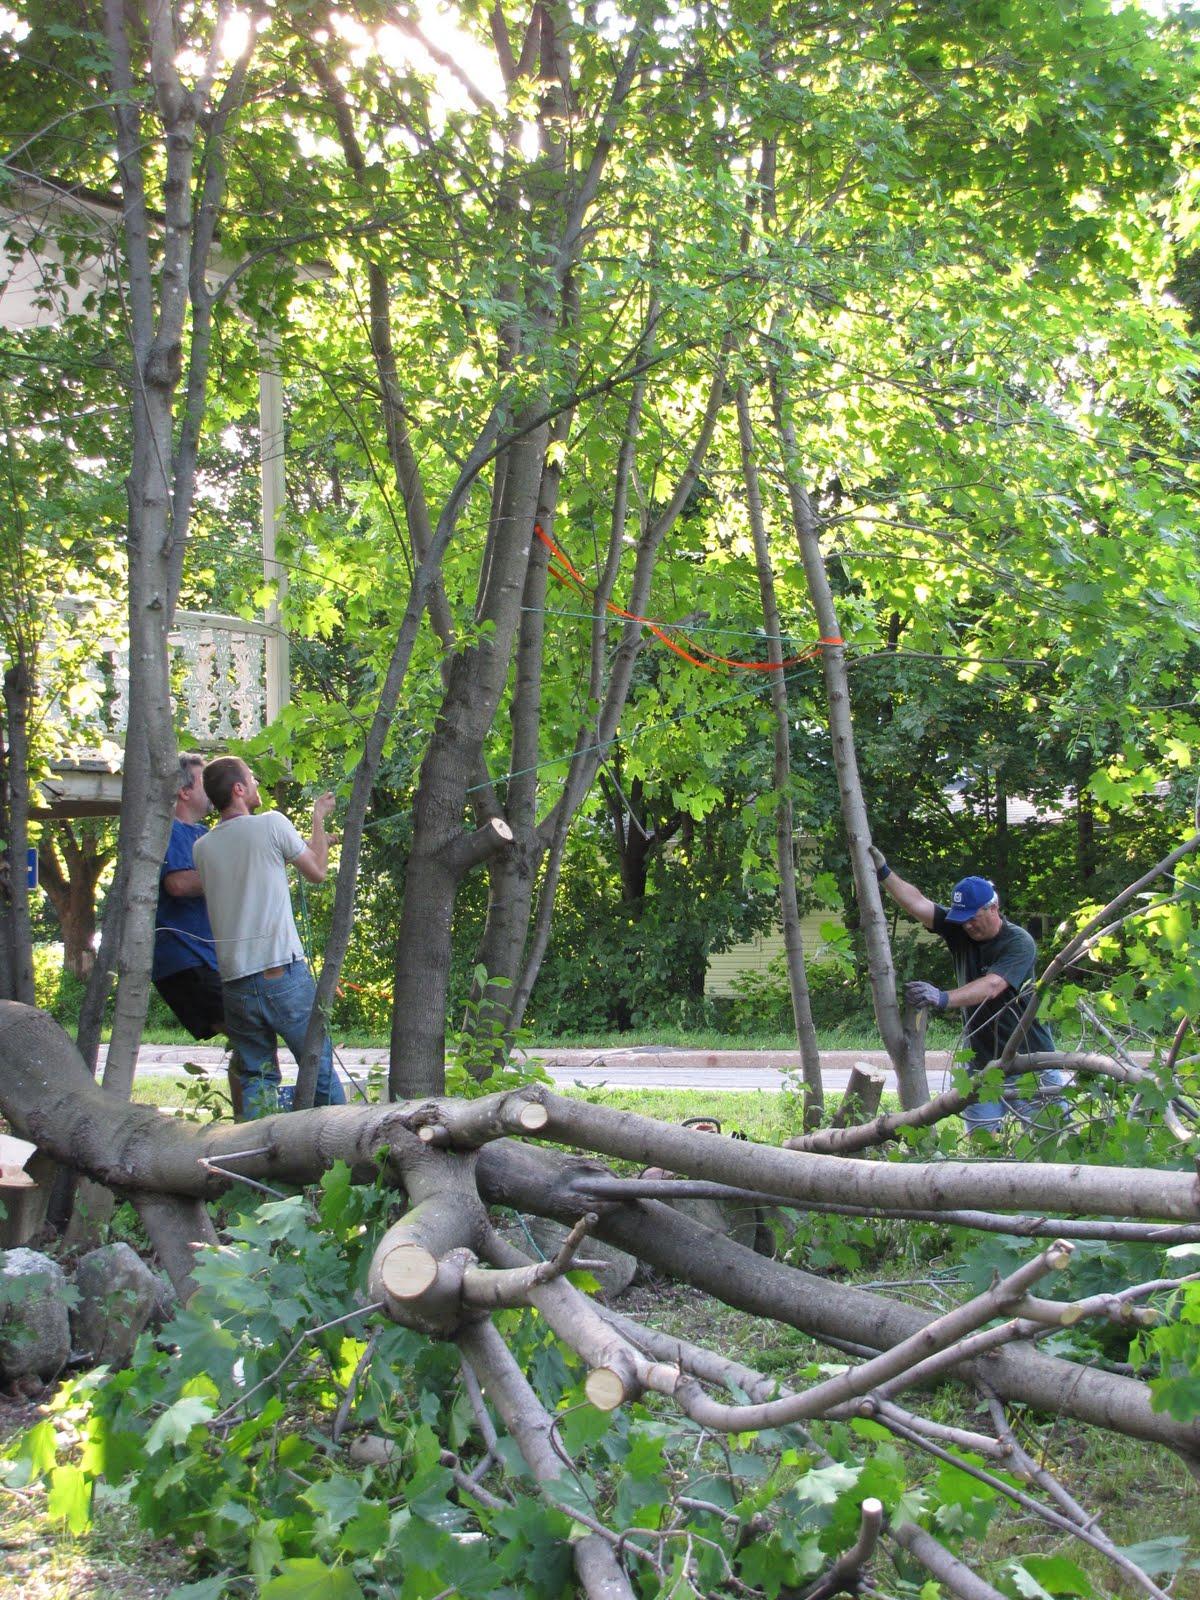 Maison francoeur corv e - Distance plantation arbre maison ...